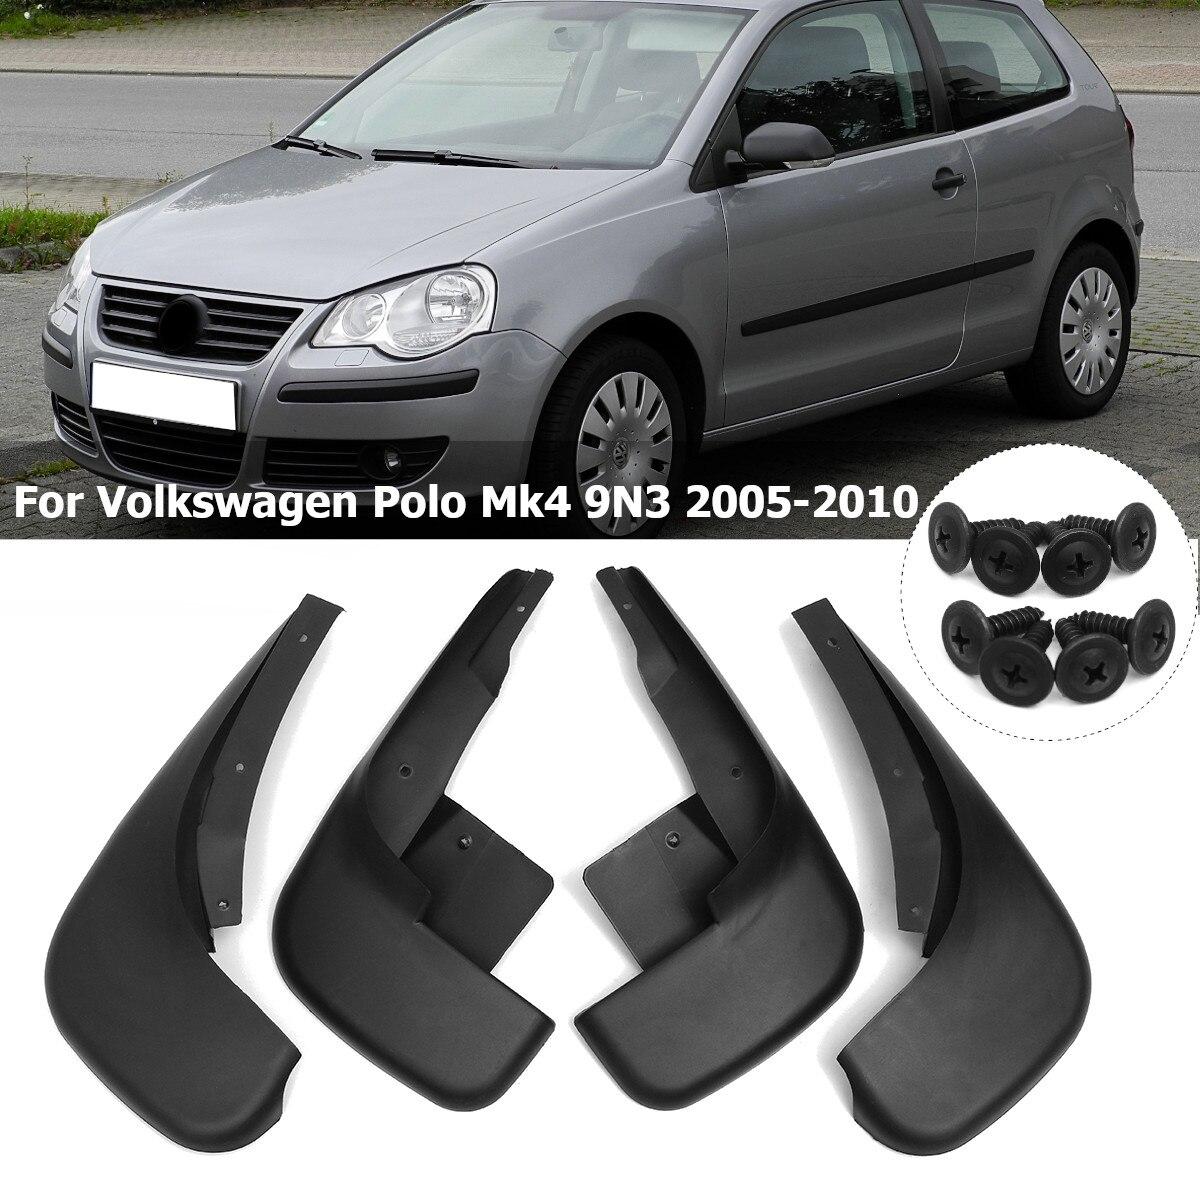 Çamur Flaps VW Polo için Mk4 9N3 2005-2009 Araba Çamurluk Splash Muhafızları Ön Arka Çamurluk Çamurluklar Aksesuarları